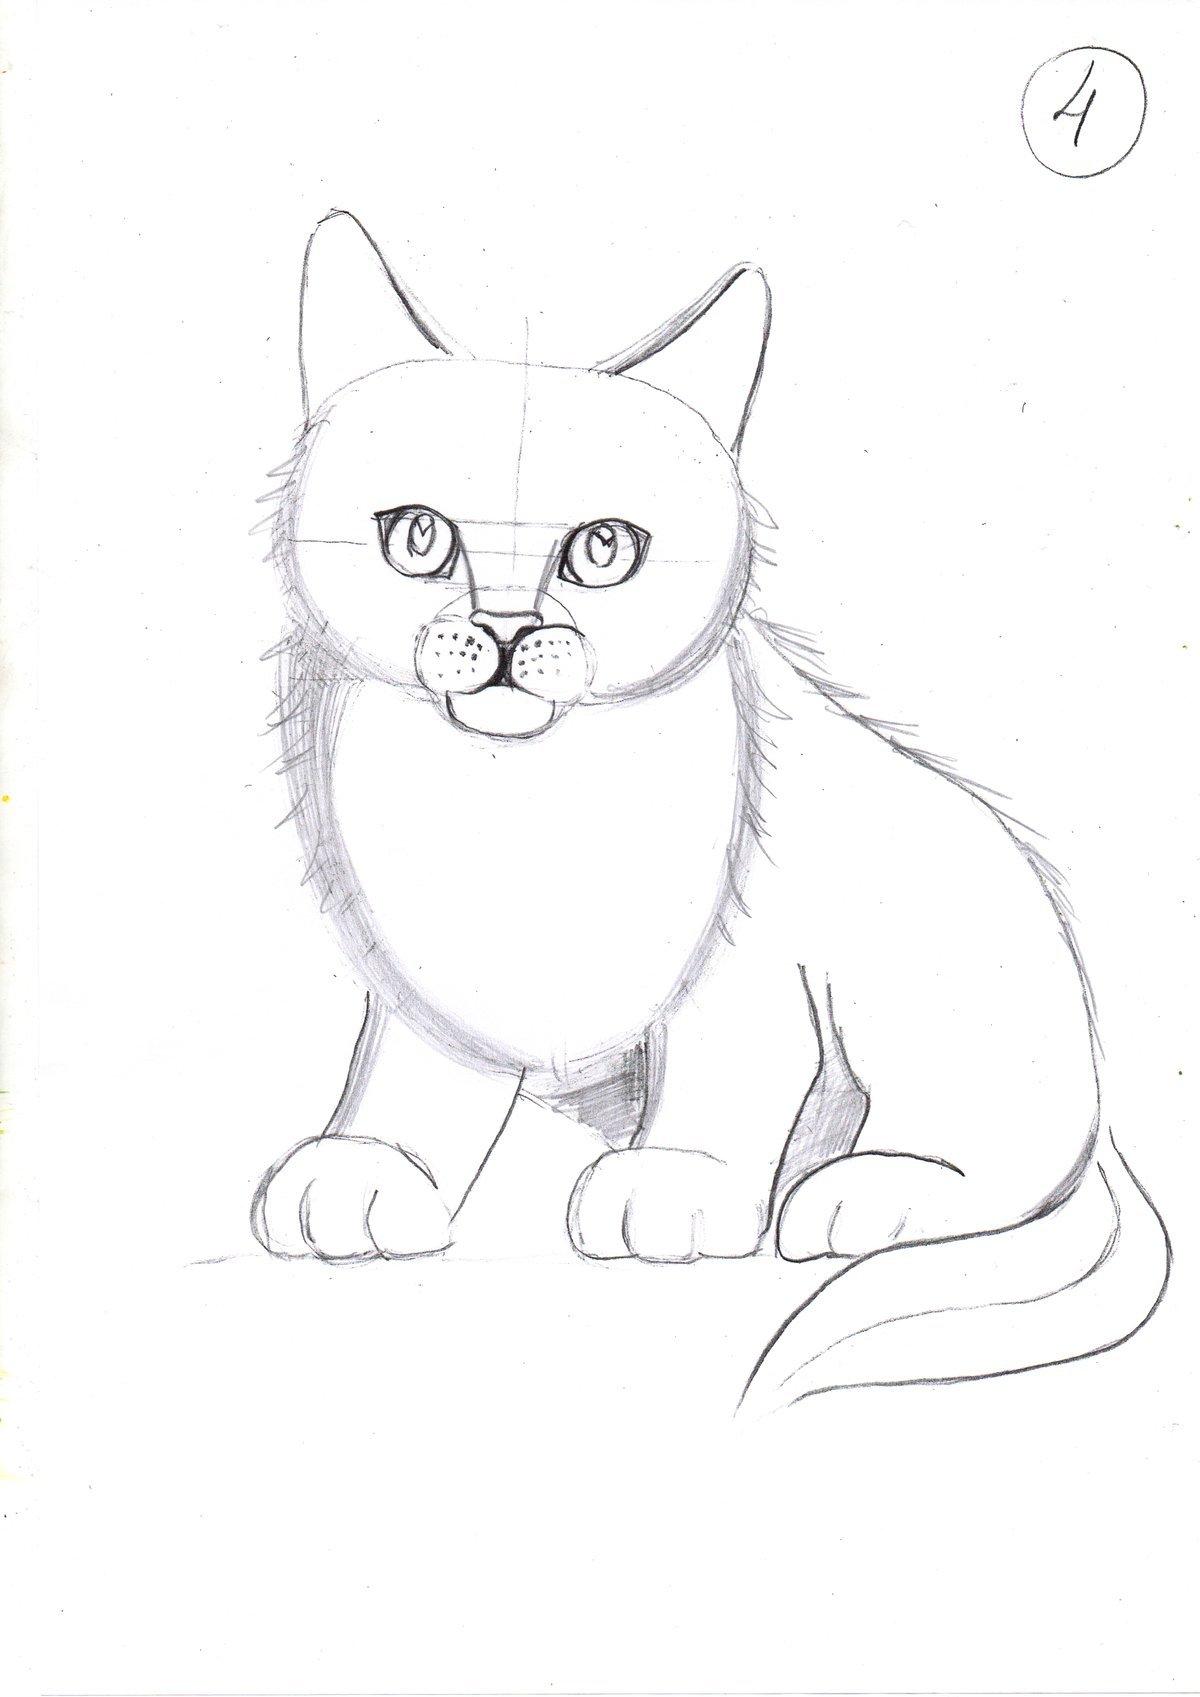 картинки как рисовать карандашом на лджи признанию, свой